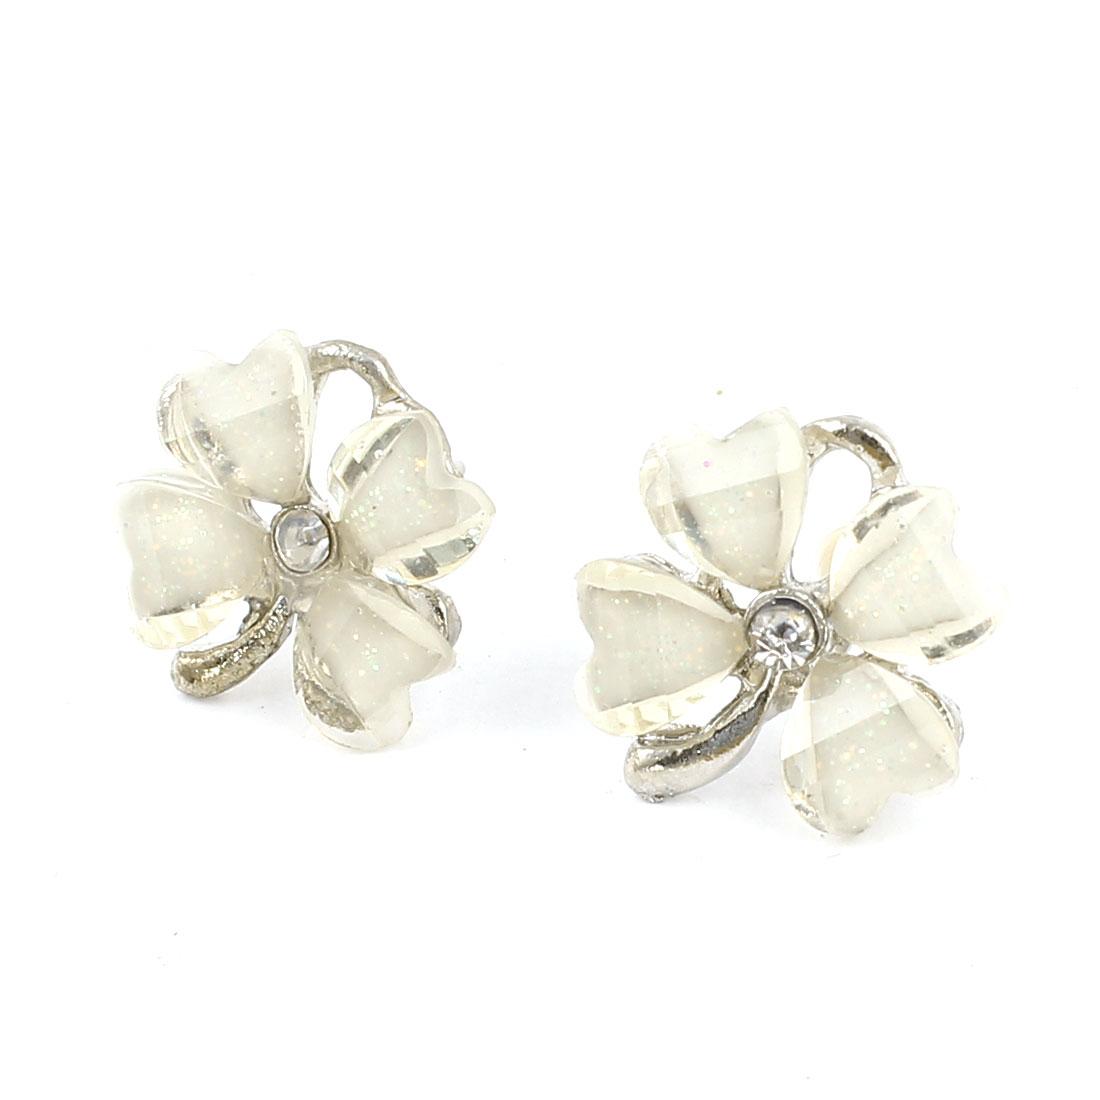 White Plastic Clover Flower Shape Rhinestone Accent Clip Earrings Pair for Women